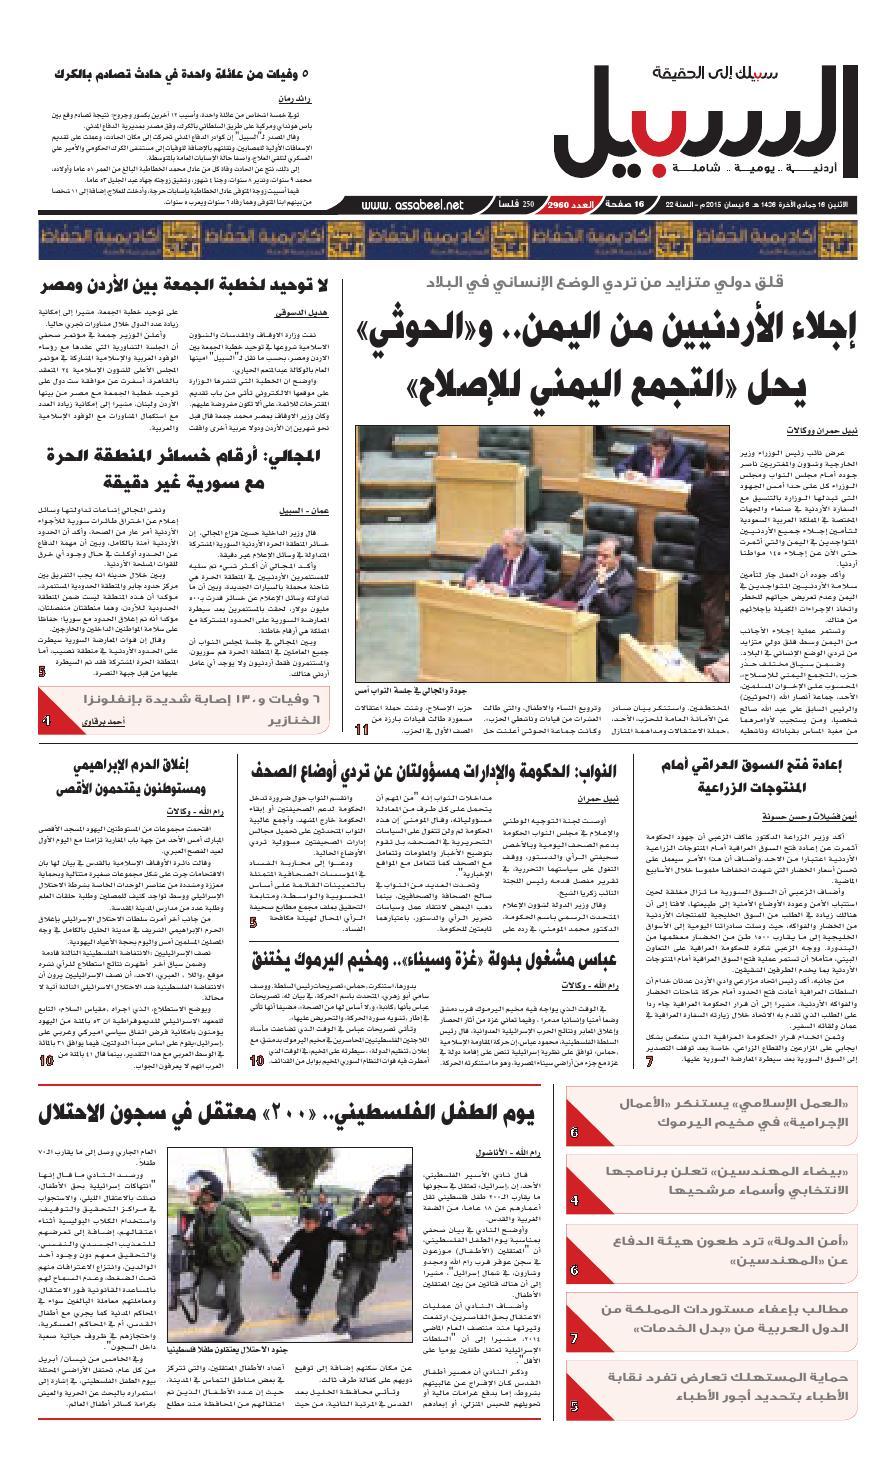 a29e499e32d75 01 16 2960 by Assabeel Newspaper - issuu